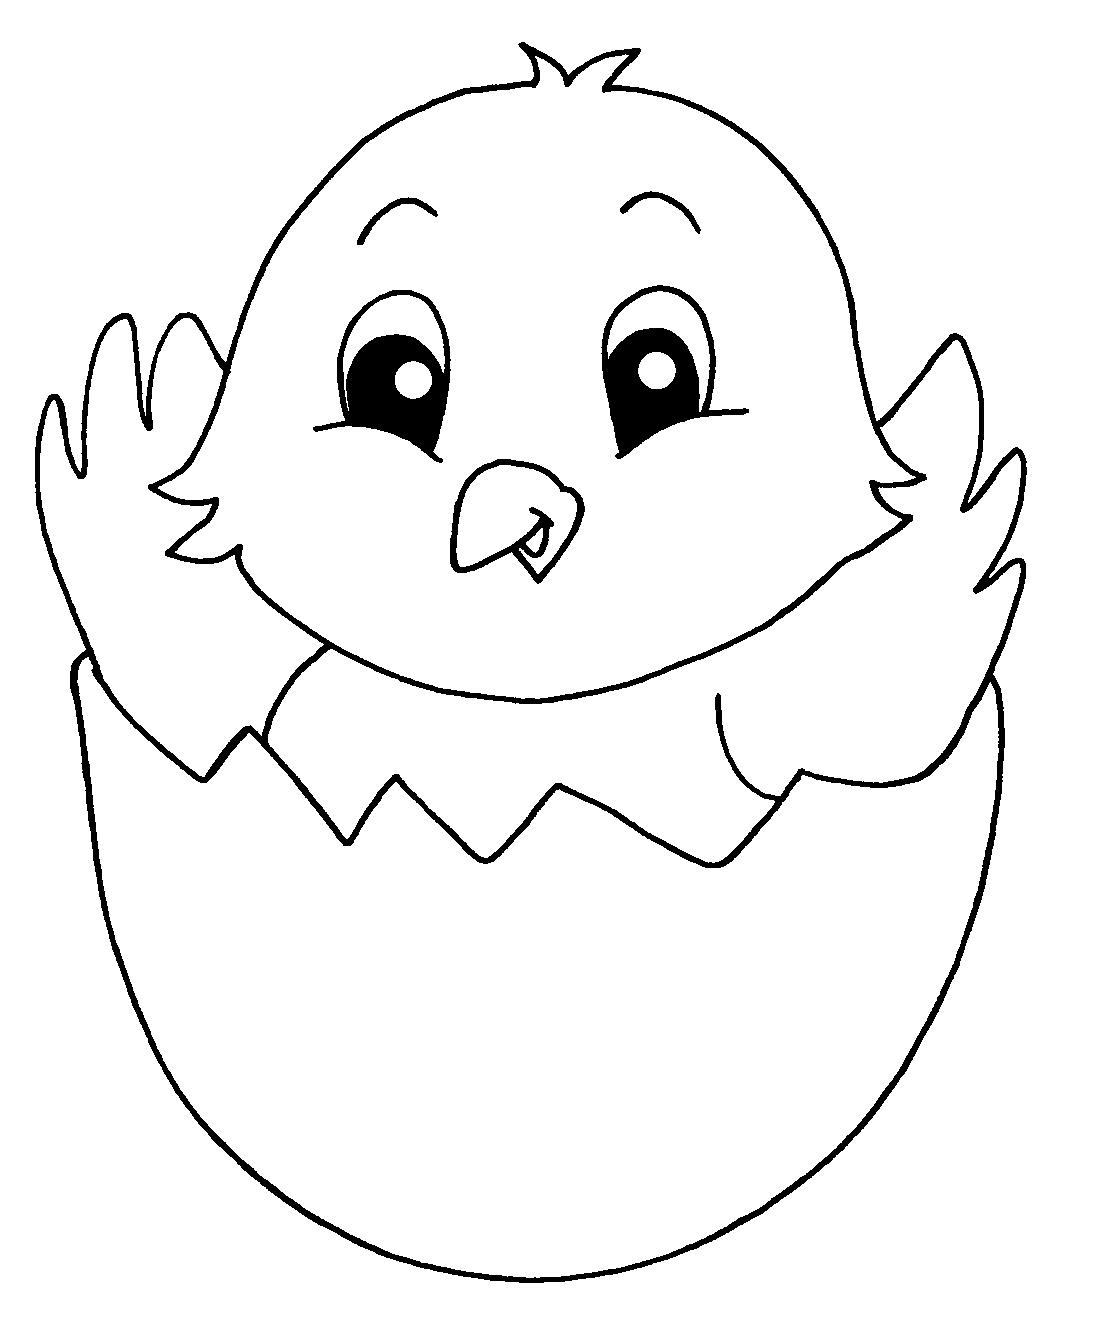 Раскраска птицы для детей распечатать